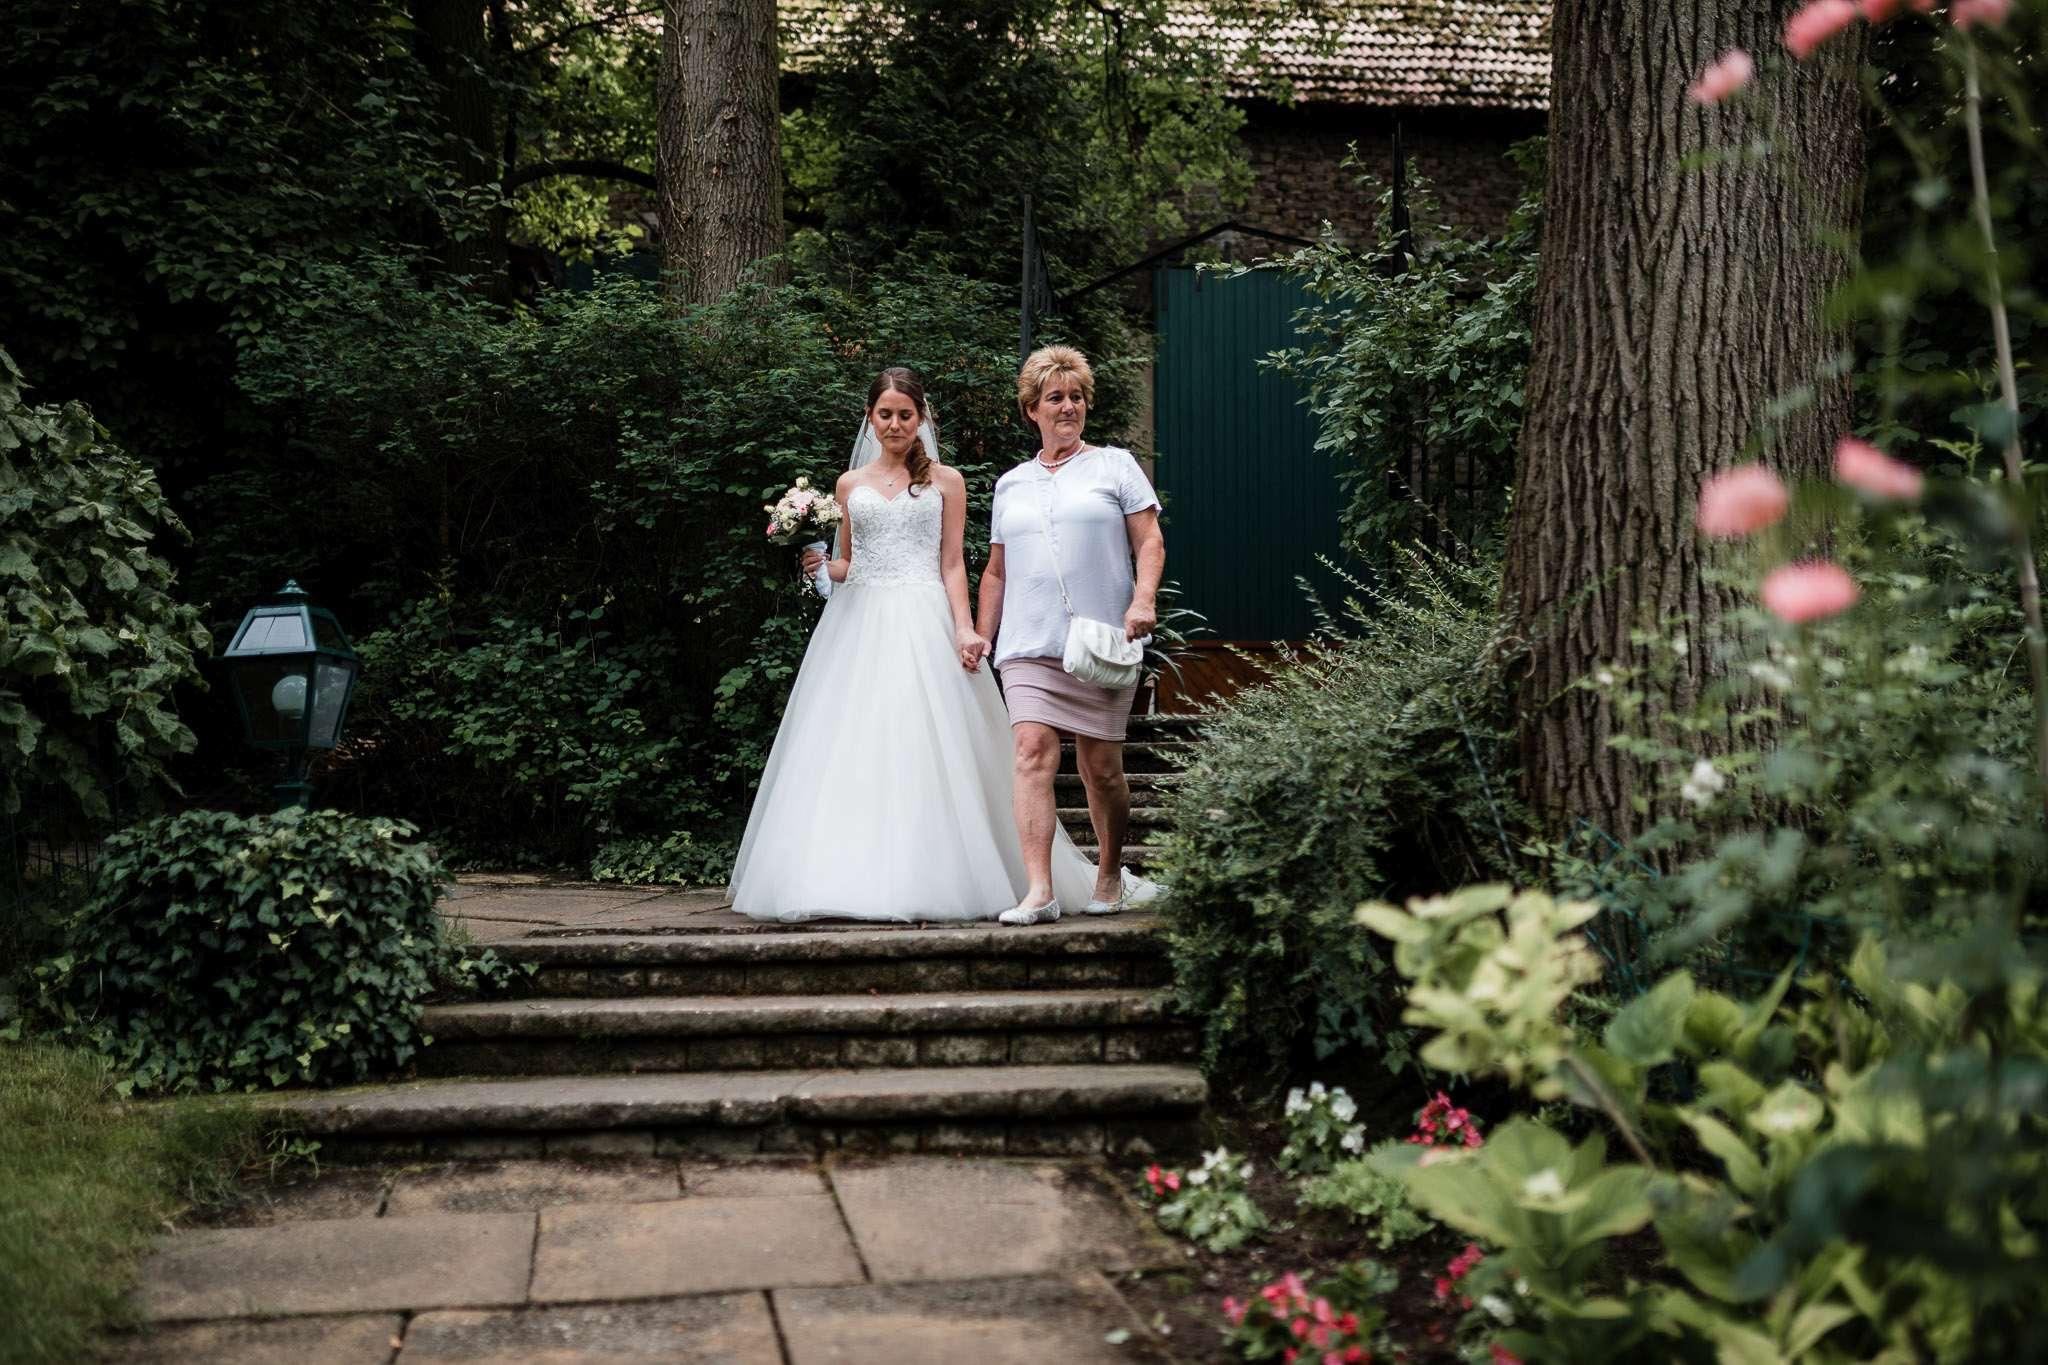 Hochzeitsreportage Undenheim: Einzug der Braut